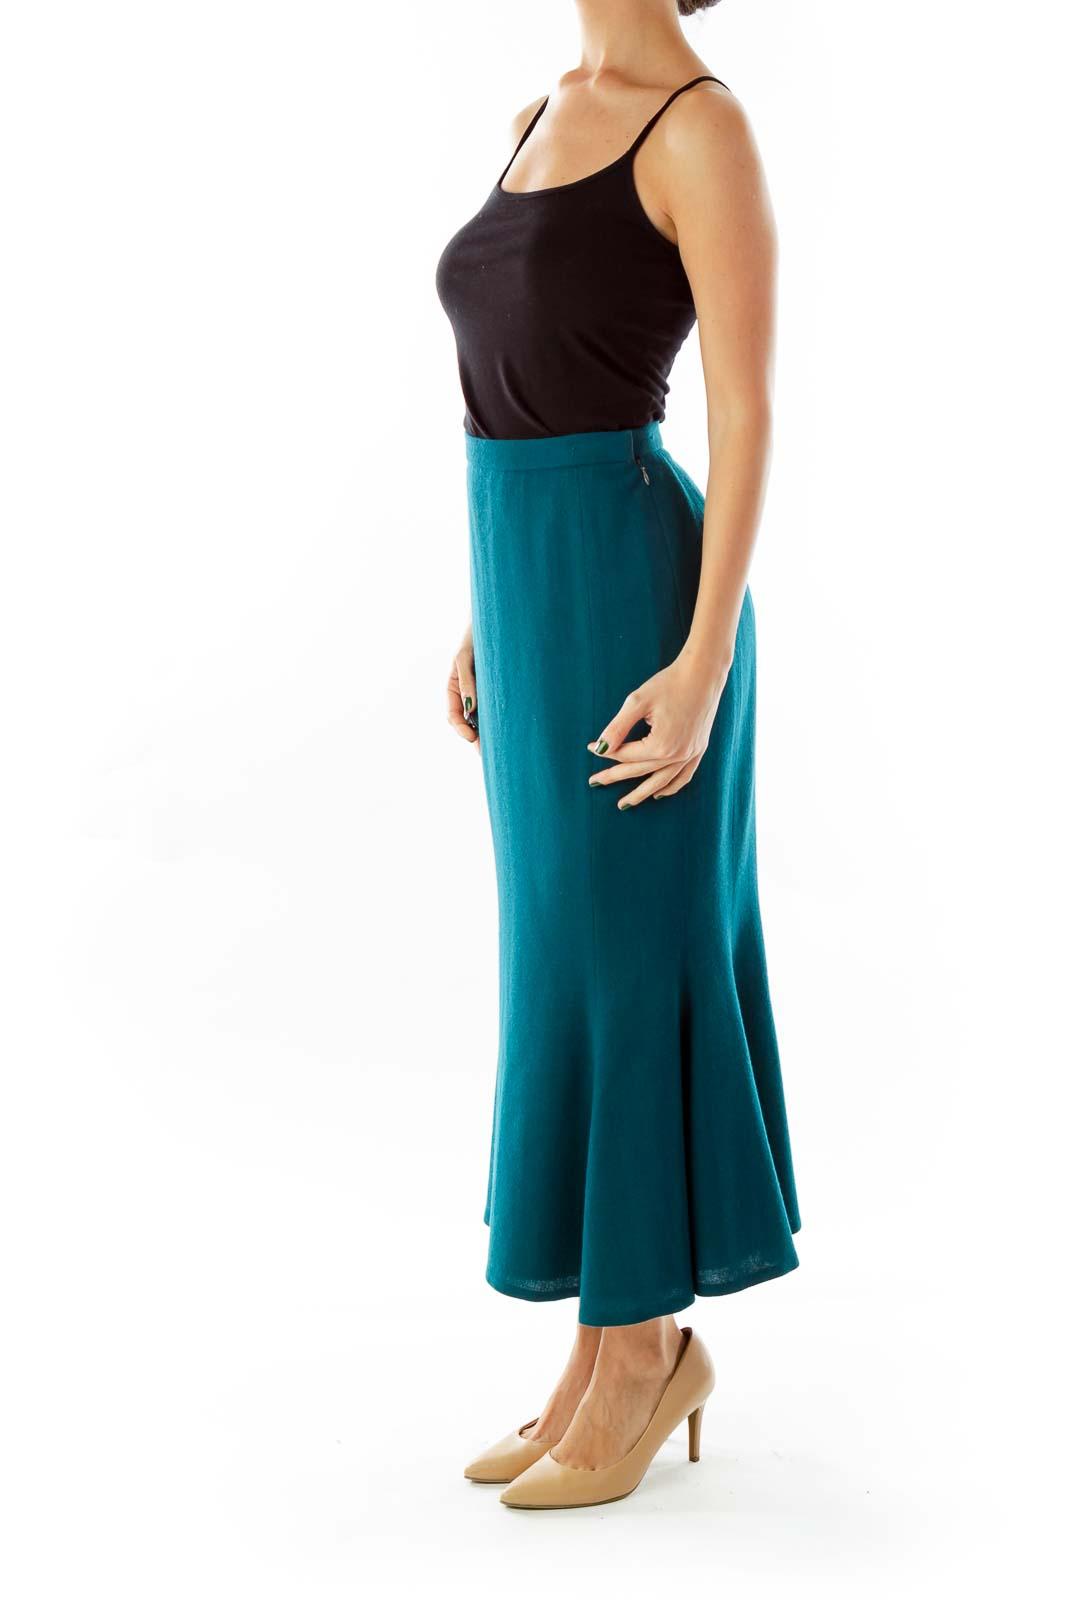 Turquoise Vintage Trumpet Skirt